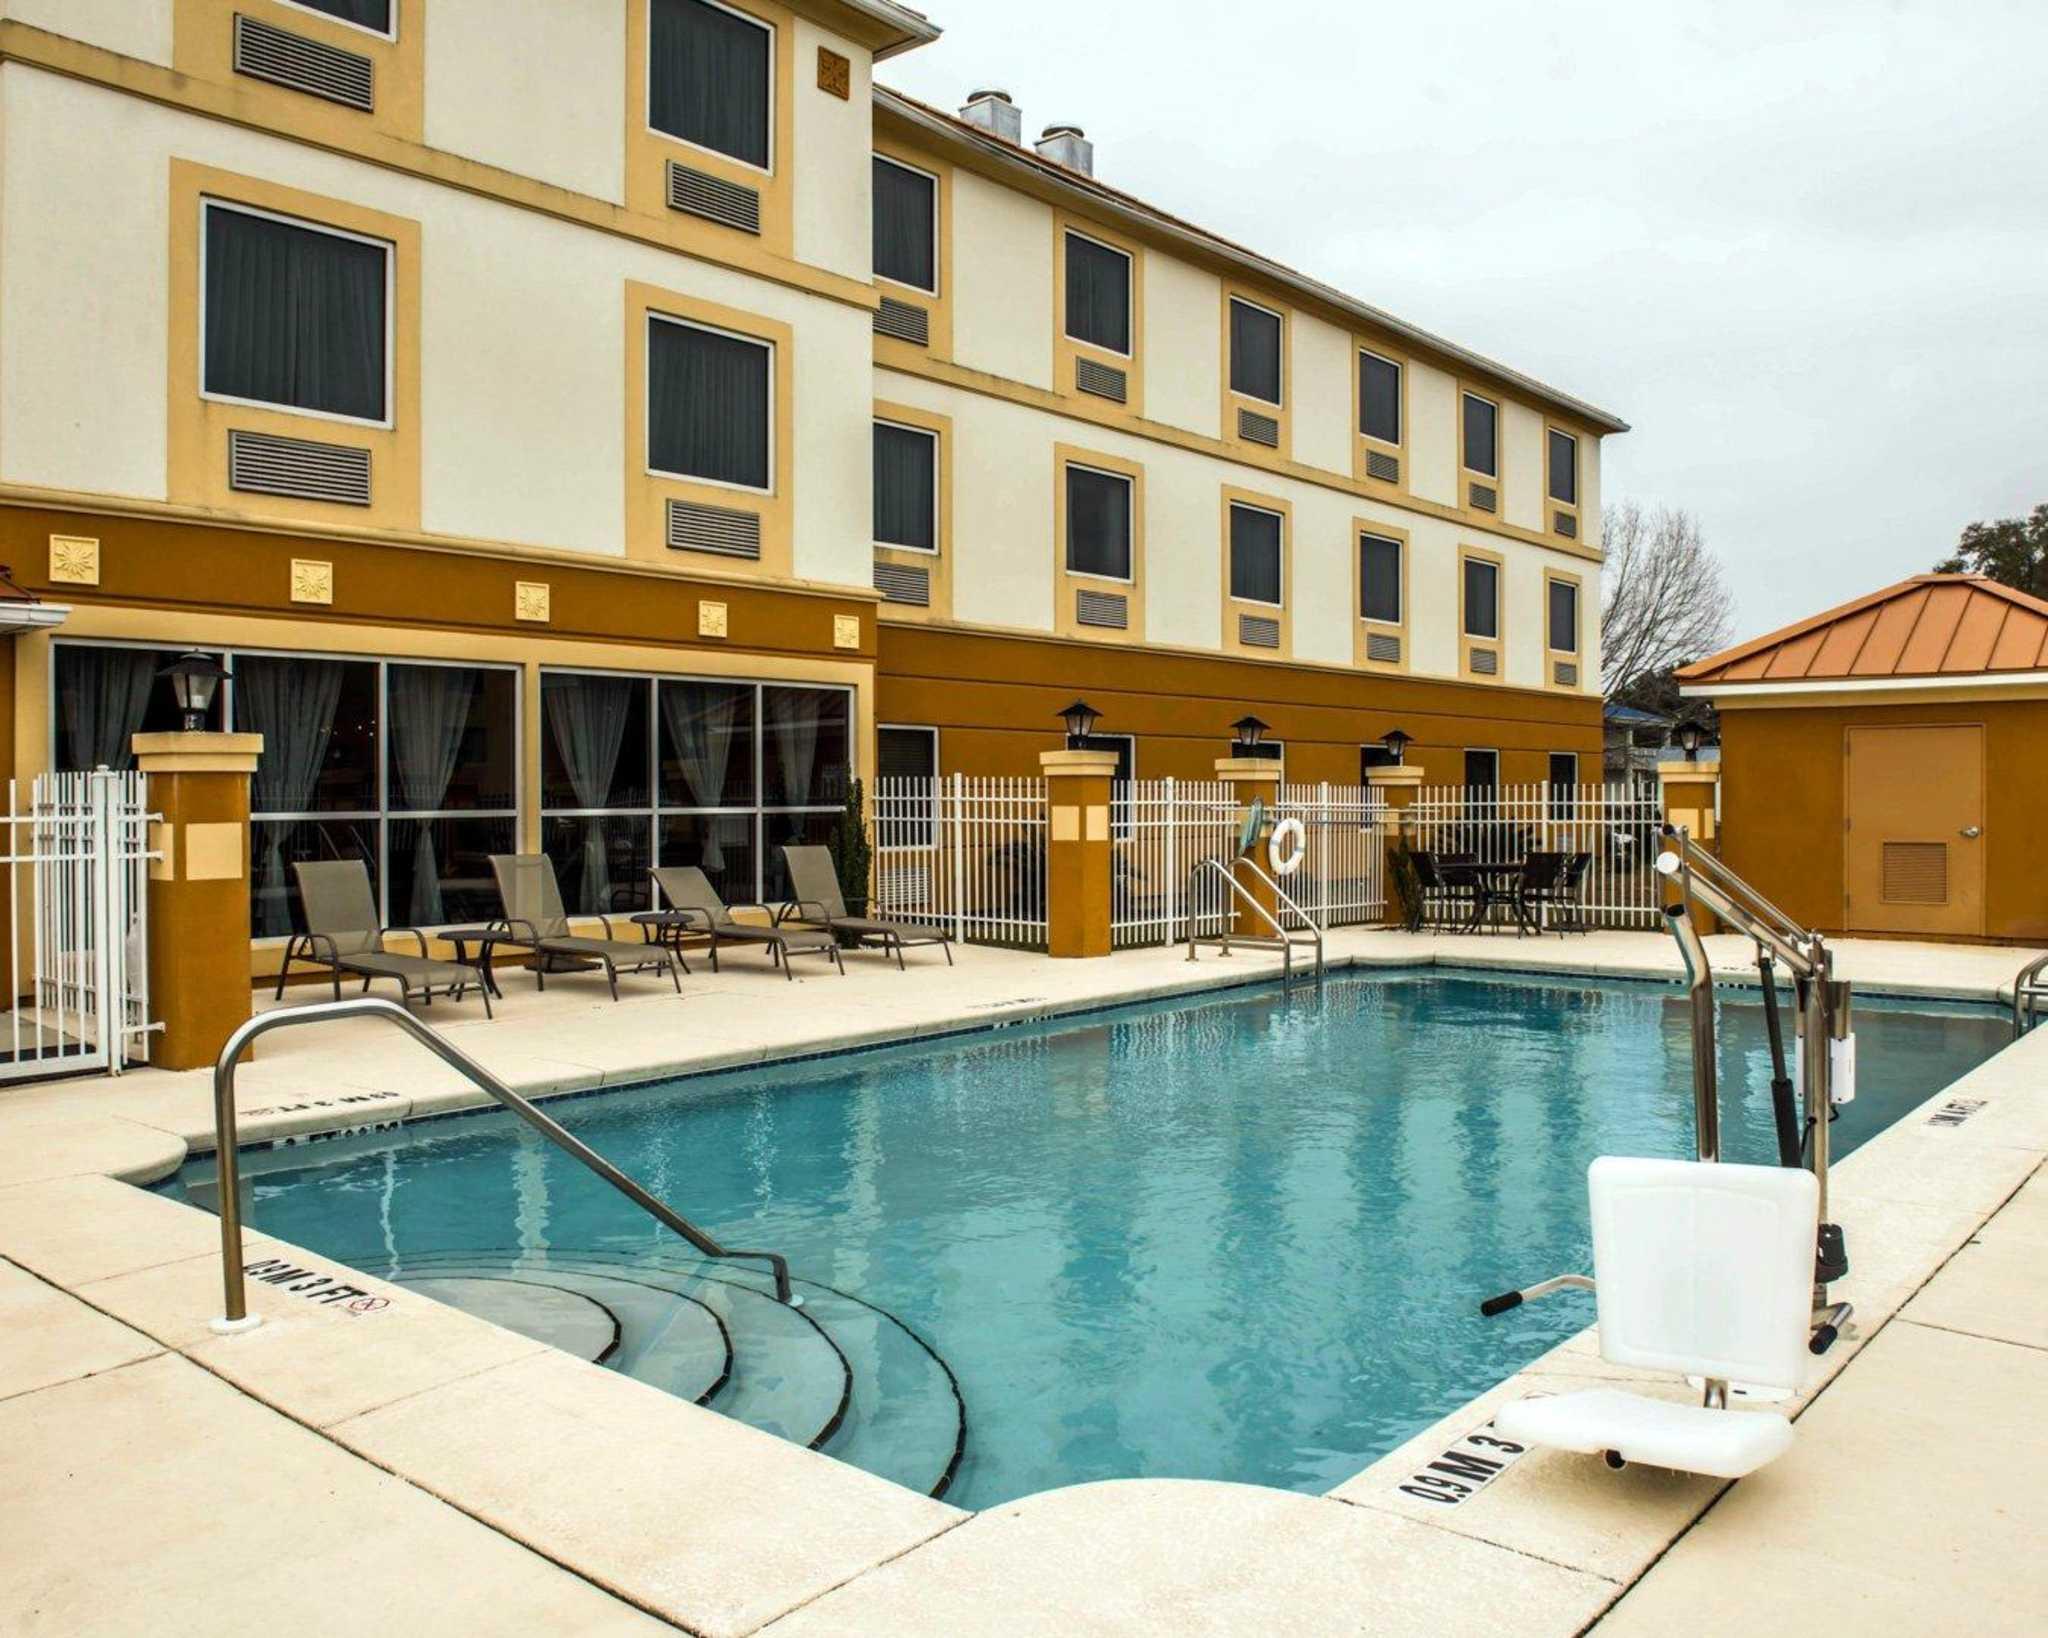 Comfort Inn & Suites Marianna I-10 image 17